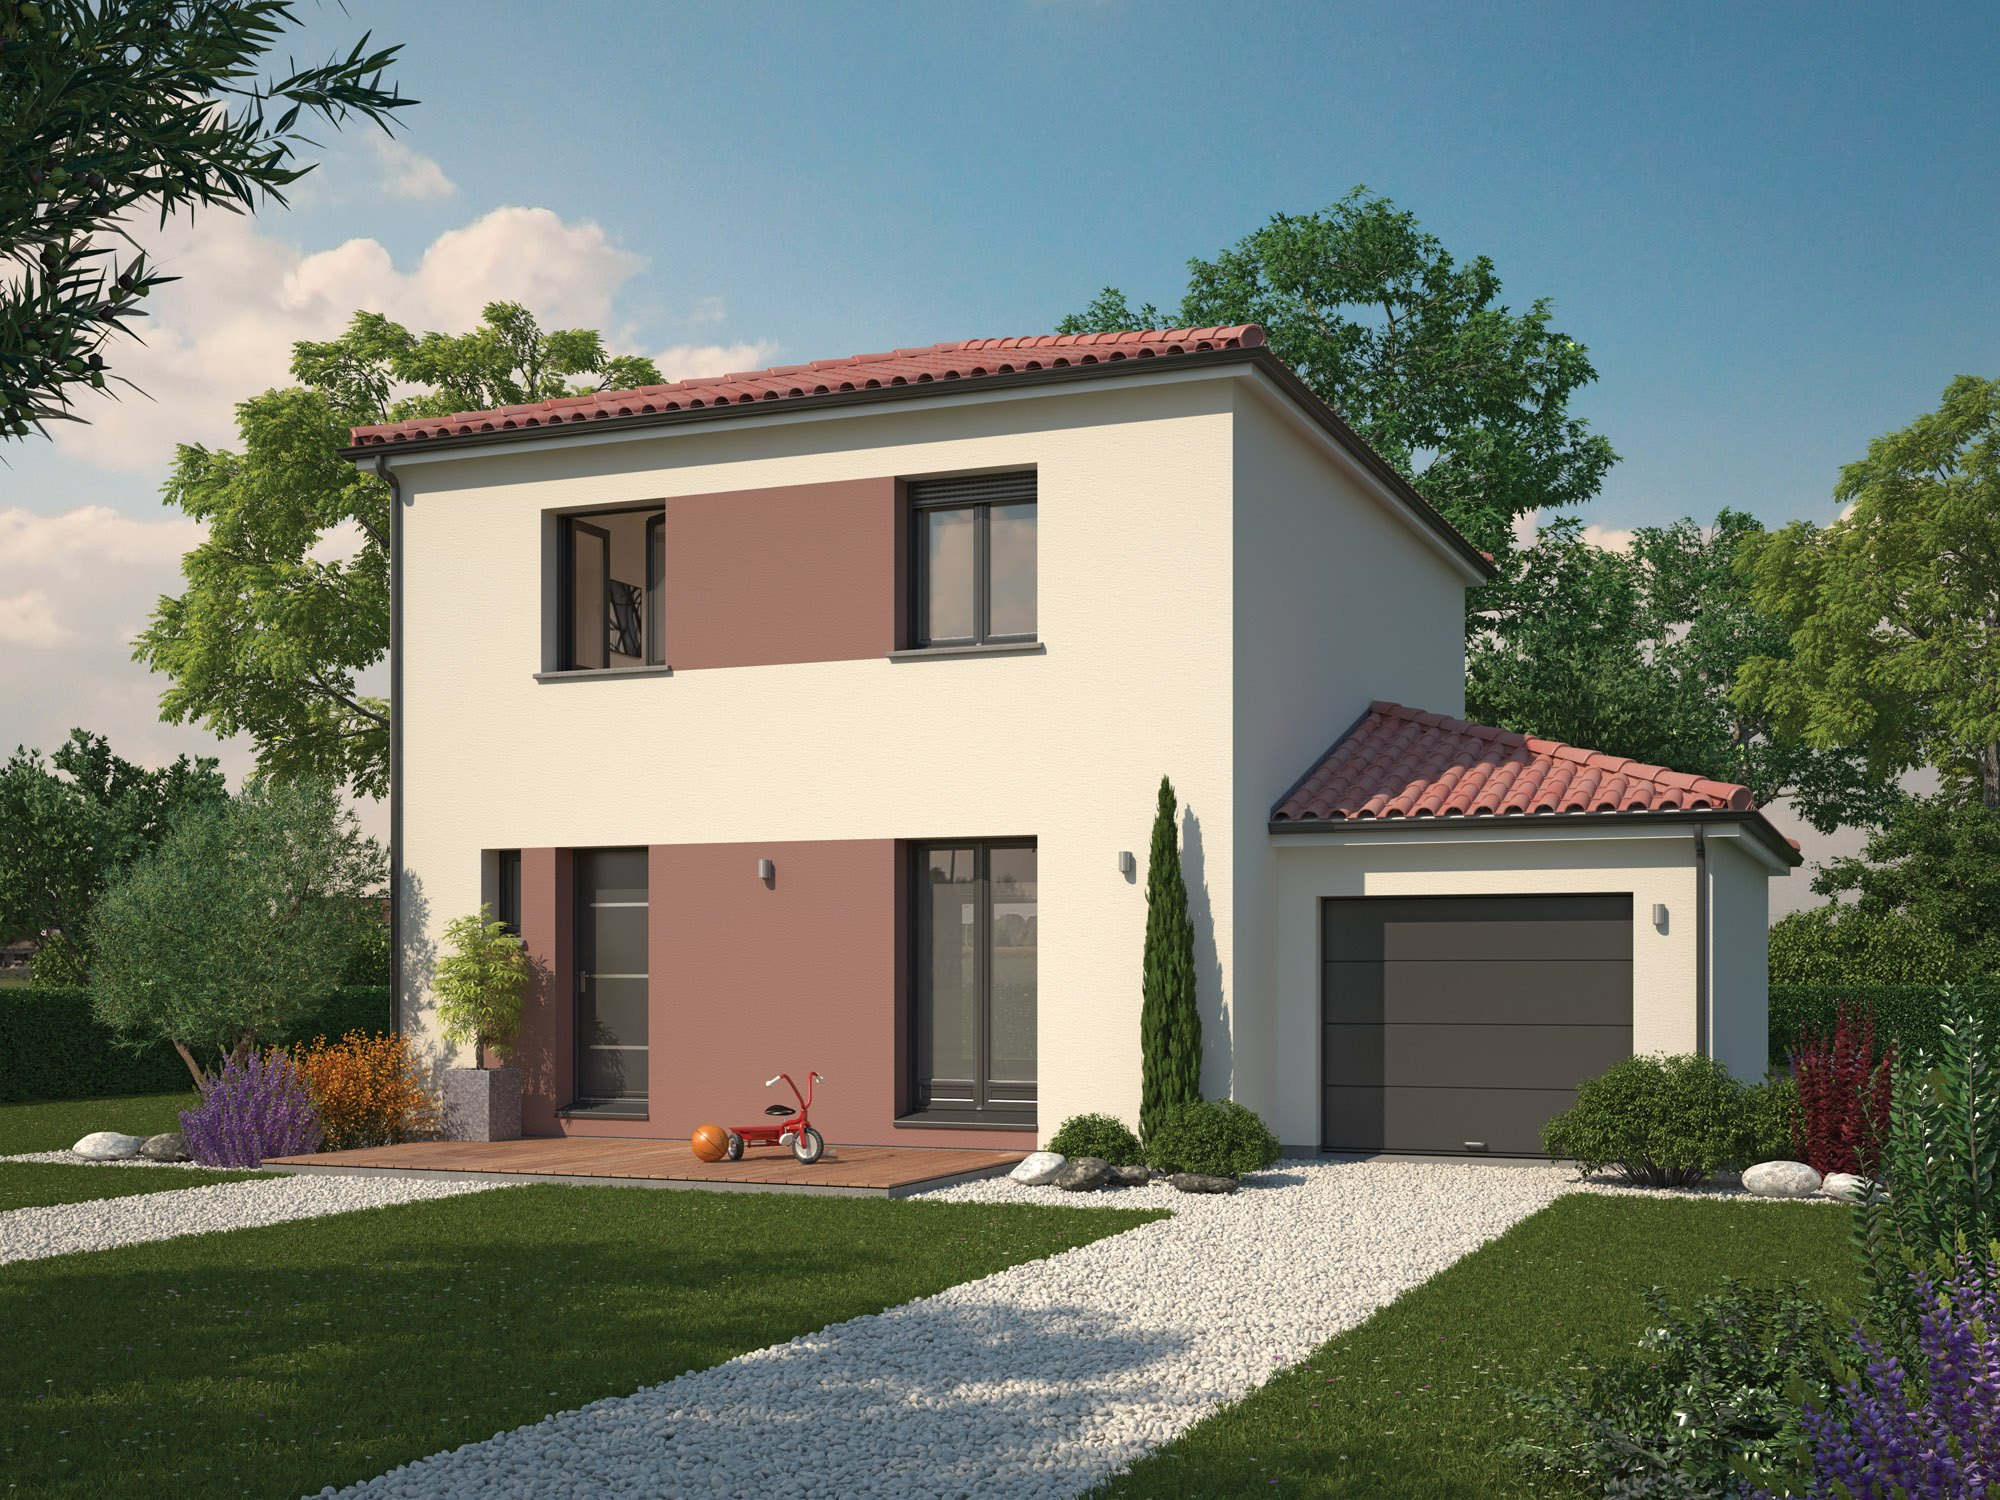 Maisons + Terrains du constructeur Maisons familiales Échirolles • 90 m² • SAINT PIERRE DE MESAGE